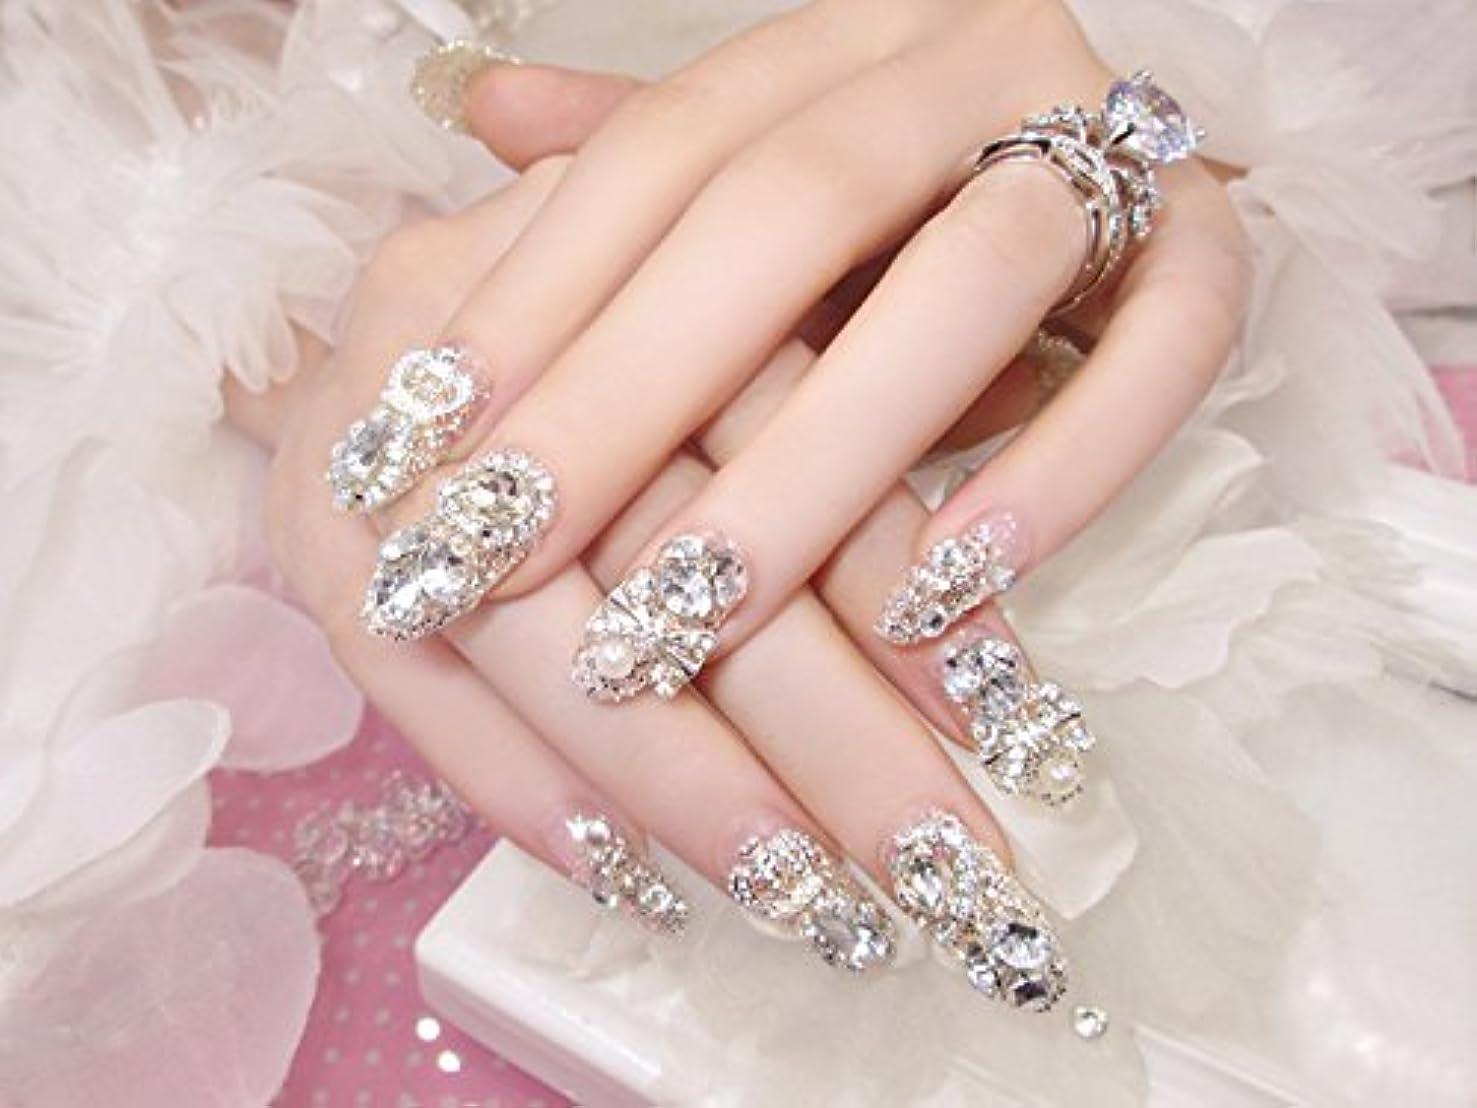 力強いビュッフェ道を作る花嫁ネイル 手作りネイルチップ ラインストーンリボンが輝く フルチップ シンプル ネイルチップ24枚セット 人造ダイヤモンド 両面接着テープ付き 結婚式、パーティー、二次会などに ジルコン (A36)